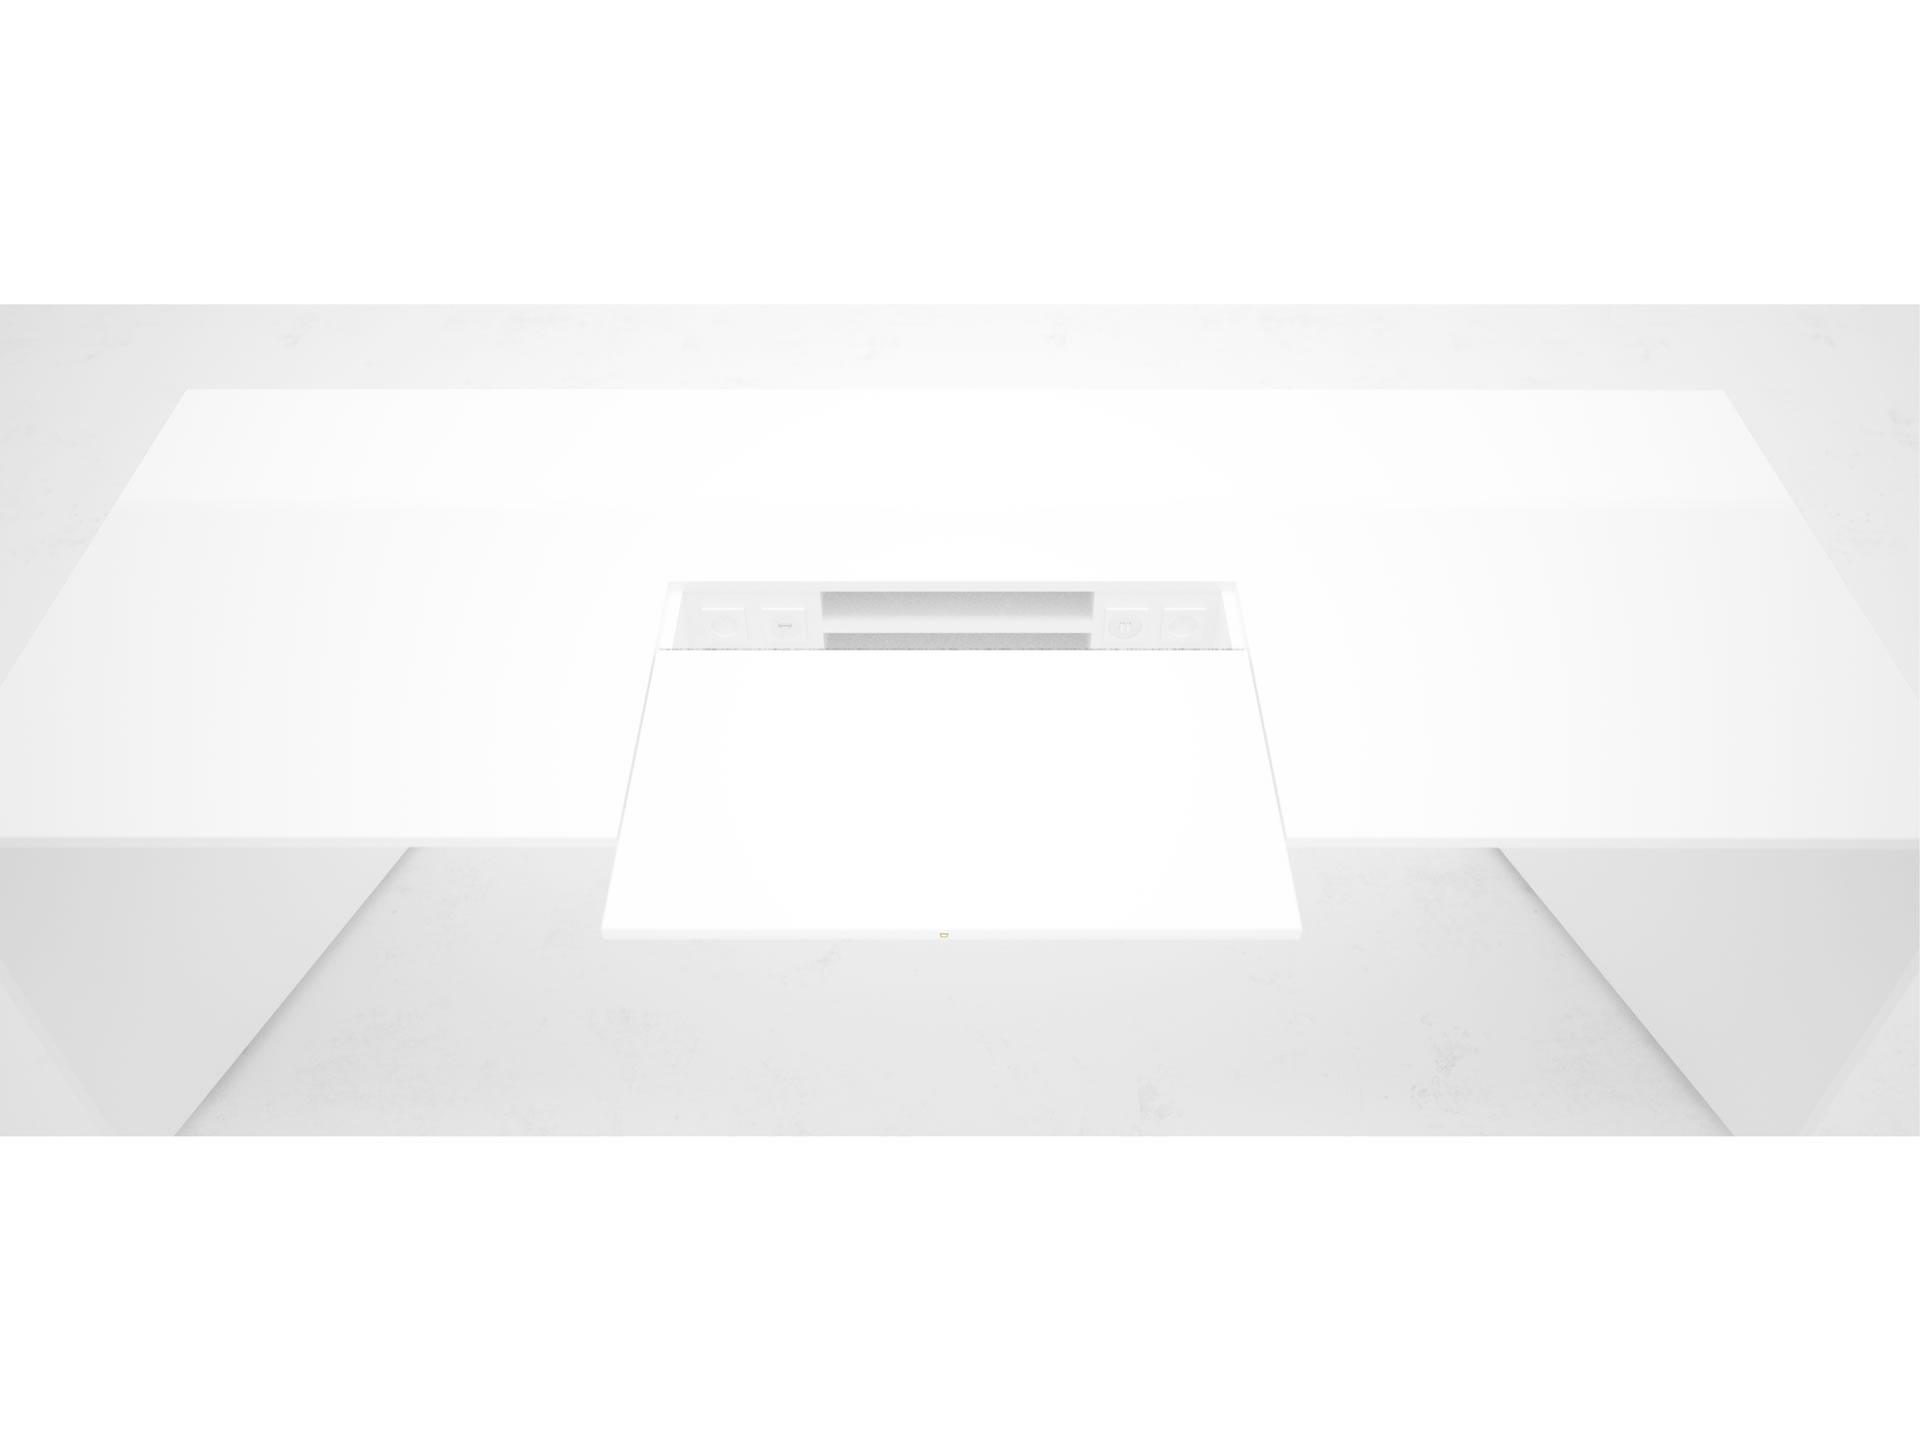 schreibtisch i i marmor wei felix schwake. Black Bedroom Furniture Sets. Home Design Ideas